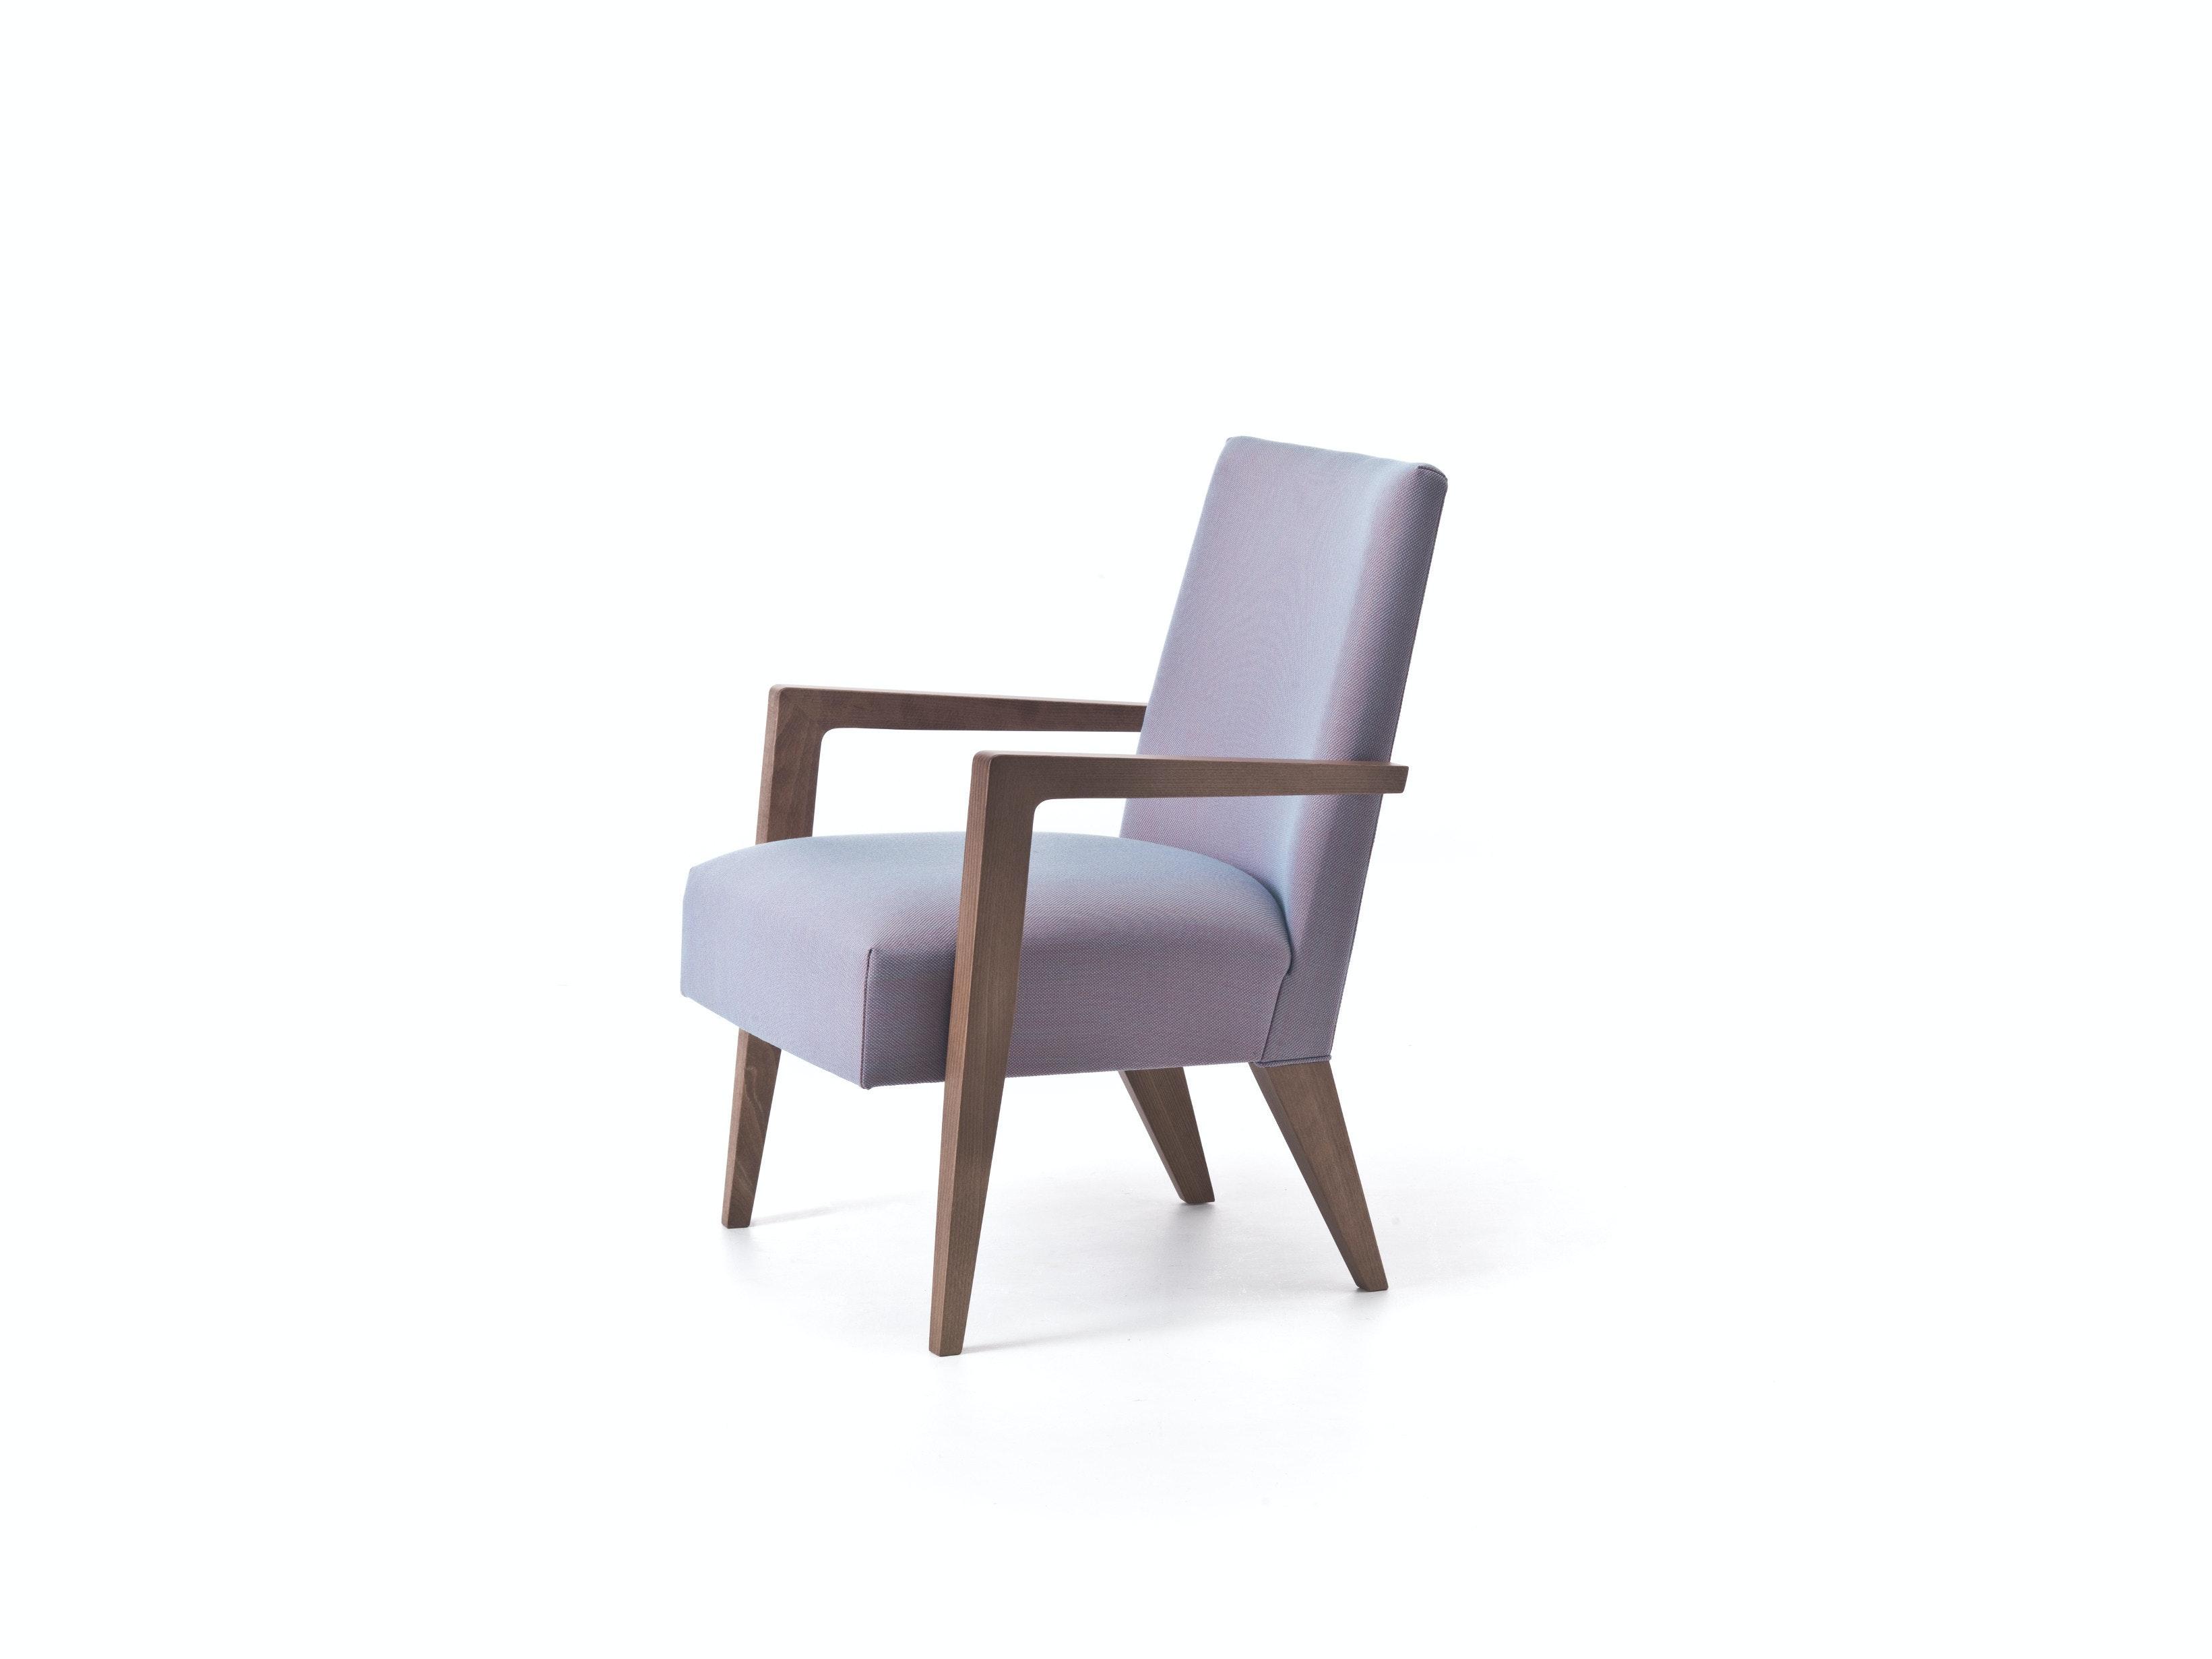 Metro Chair Sillhouette3